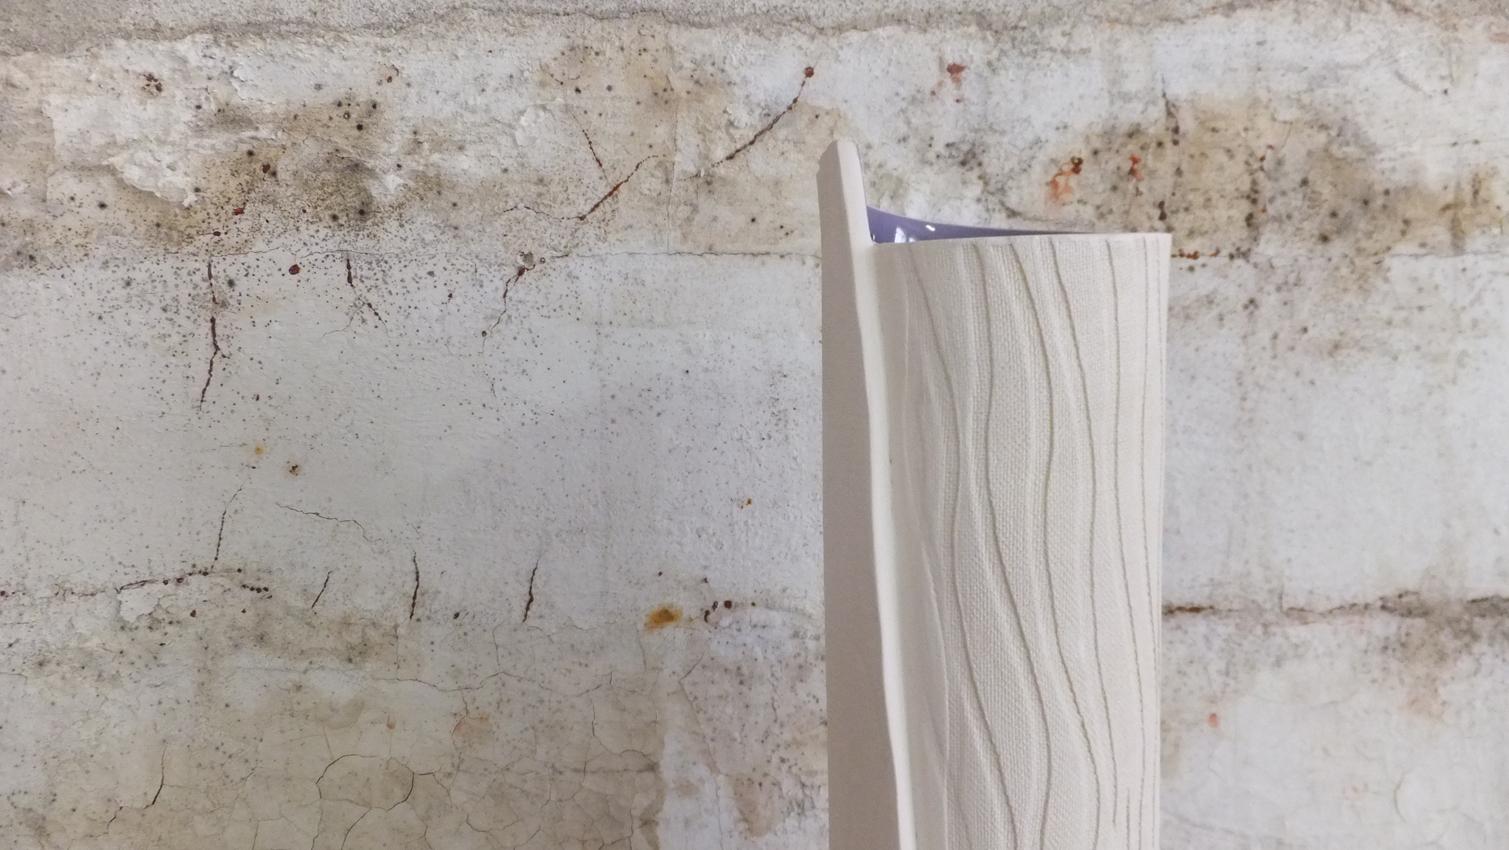 08_vasi ceramica 013_Silvia Fanticelli